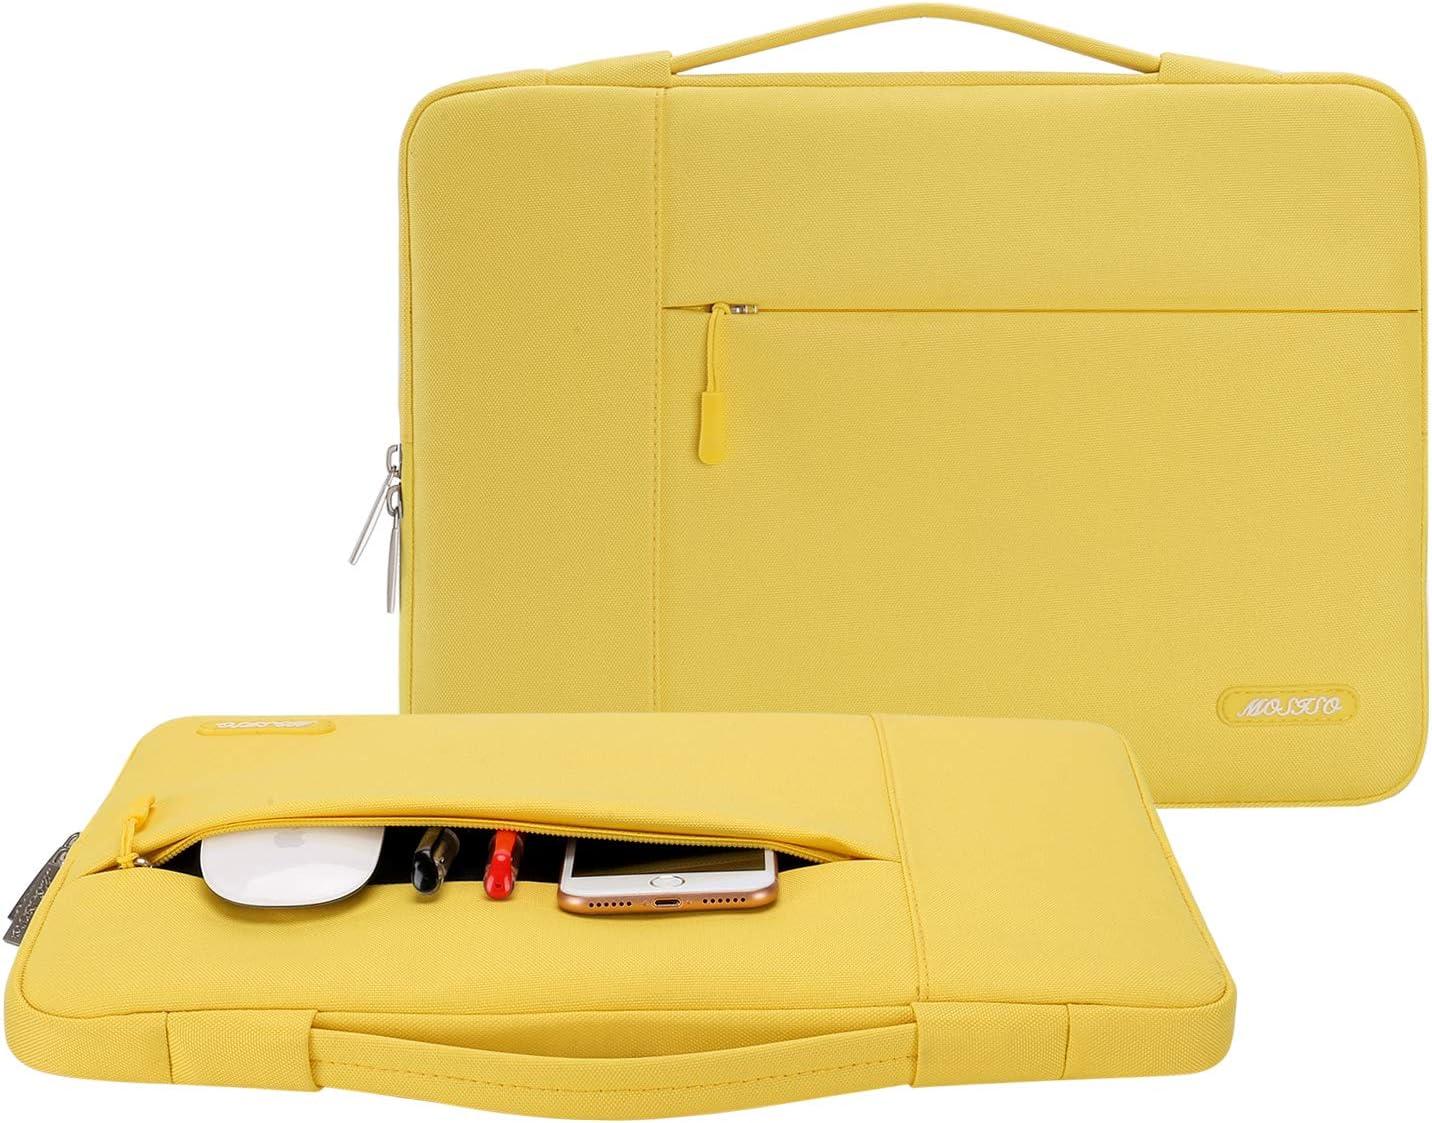 Polyester Multifunktion Laptoptasche Aktentasche Handtasche Notebook Computer Gelb MOSISO Tasche Sleeve H/ülle Kompatibel mit 13-13,3 Zoll MacBook Air MacBook Pro